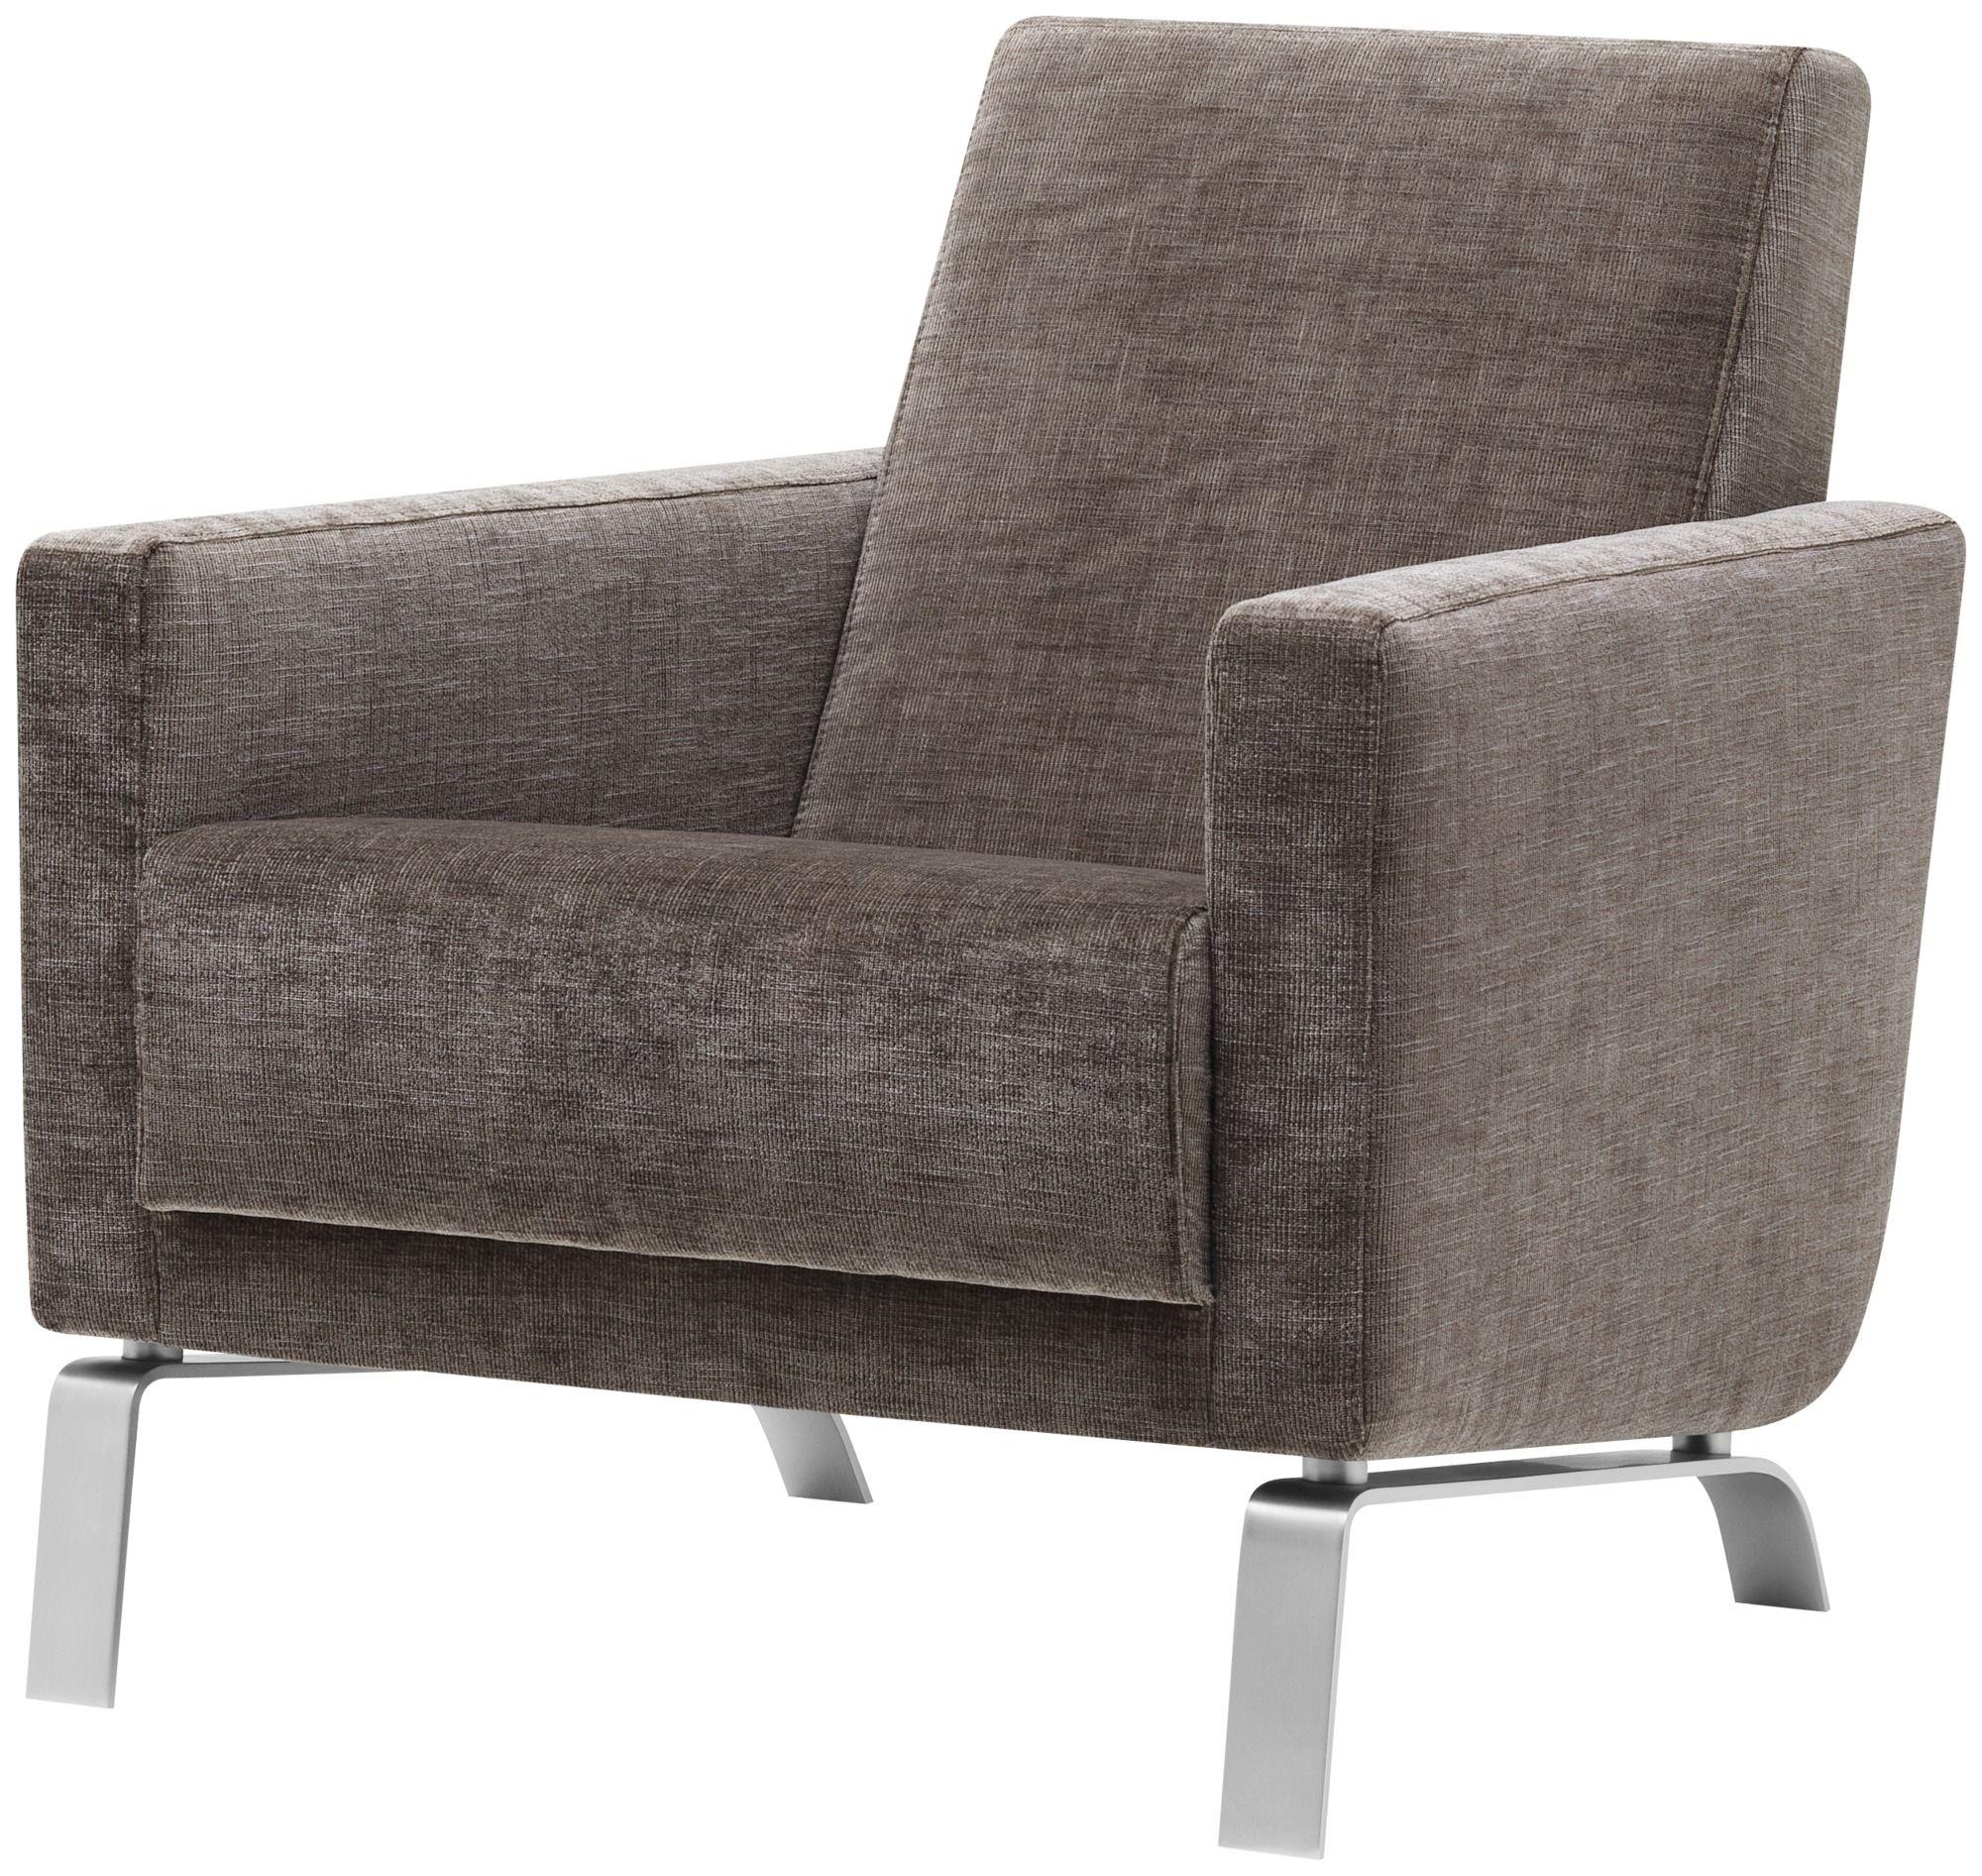 Muebles de sala modernos de BoConcept | decoracion | Pinterest ...